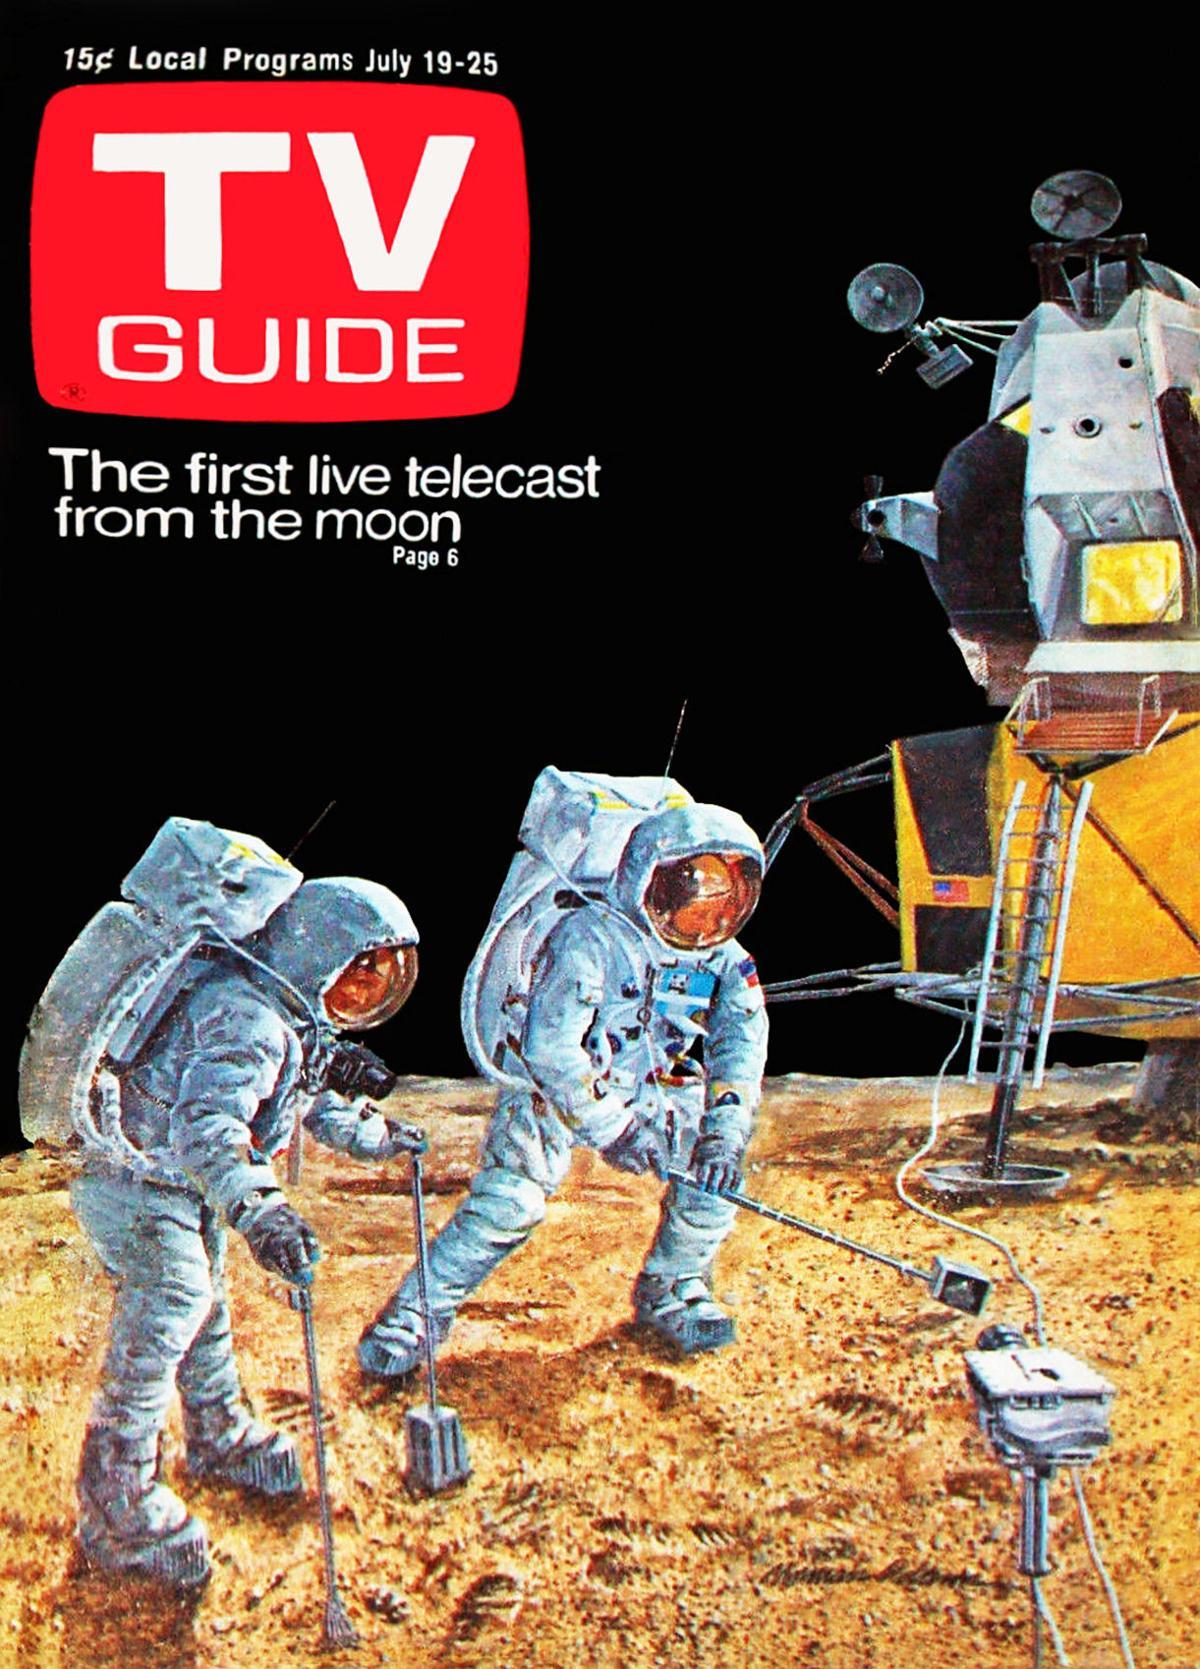 Thumbnail for Apollo 11 and Neil Armstrong Space Ephemera